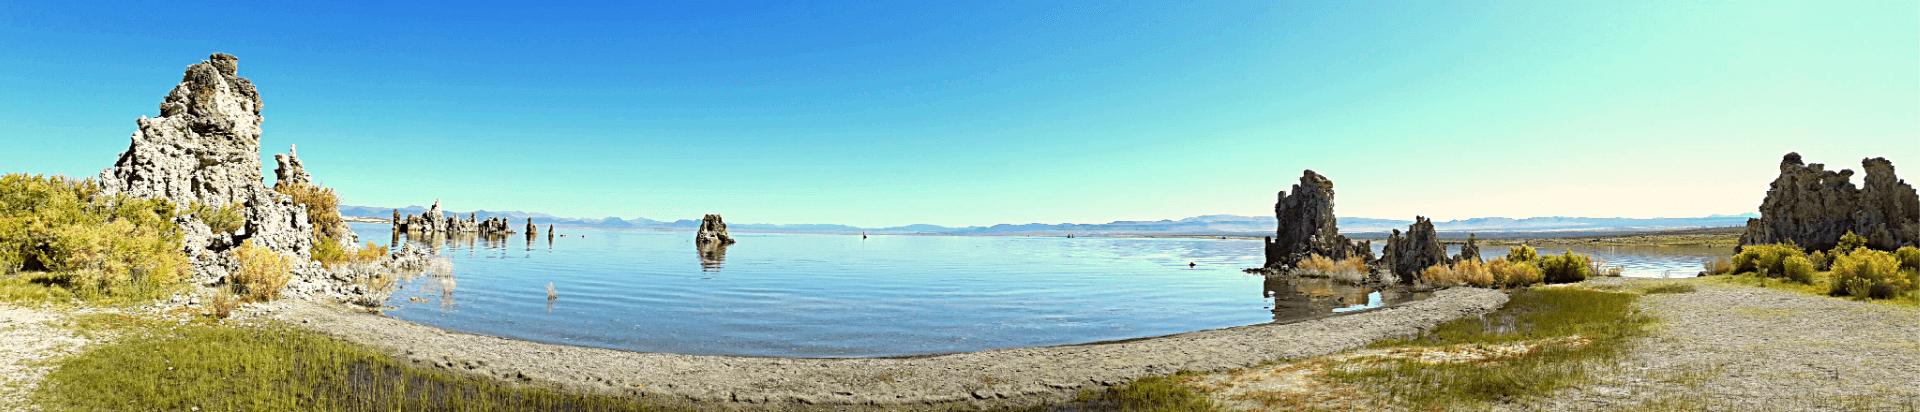 panaromafoto Mono Lake zoutpilaren